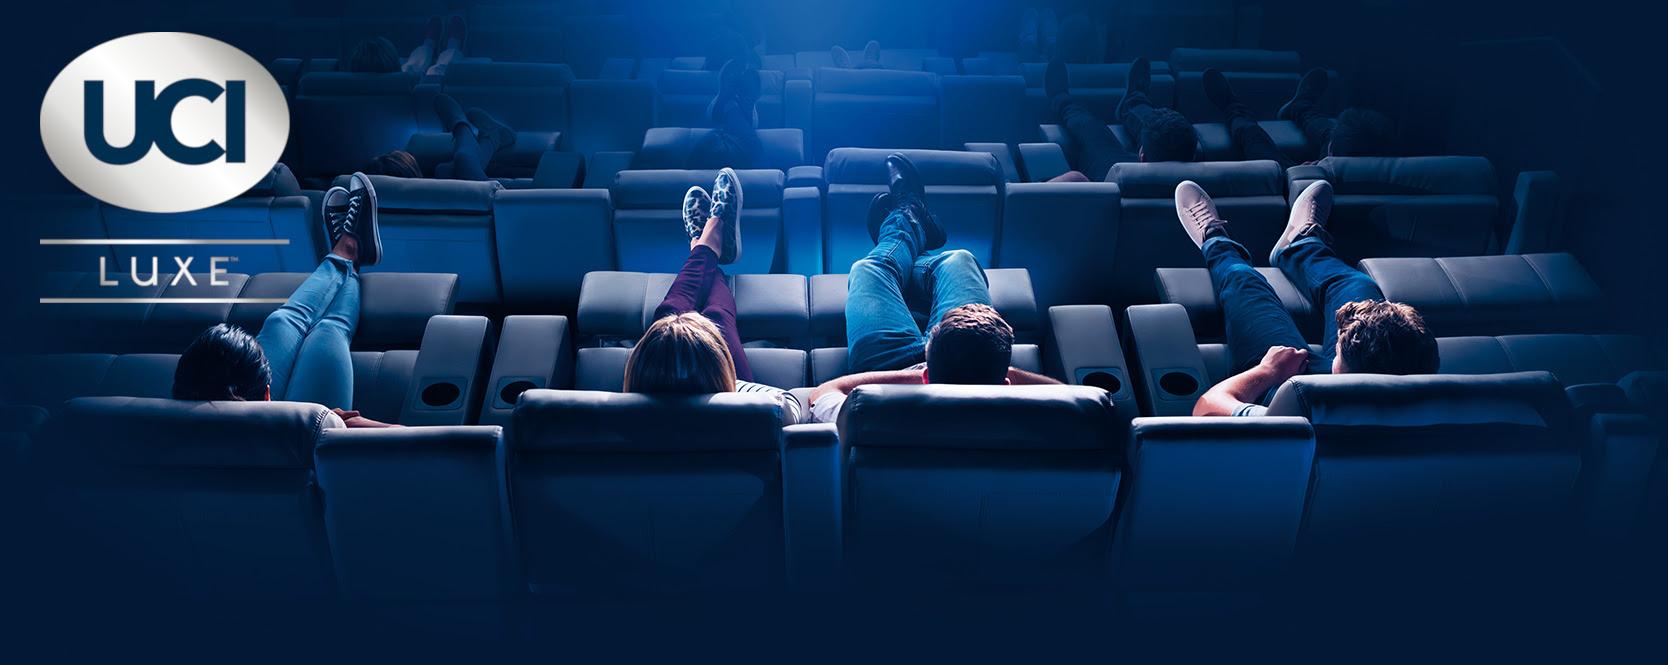 [Berlin & Potsdam] UCI Kinowelt Luxe: 50% Rabatt auf alle Filme - Verlängert!